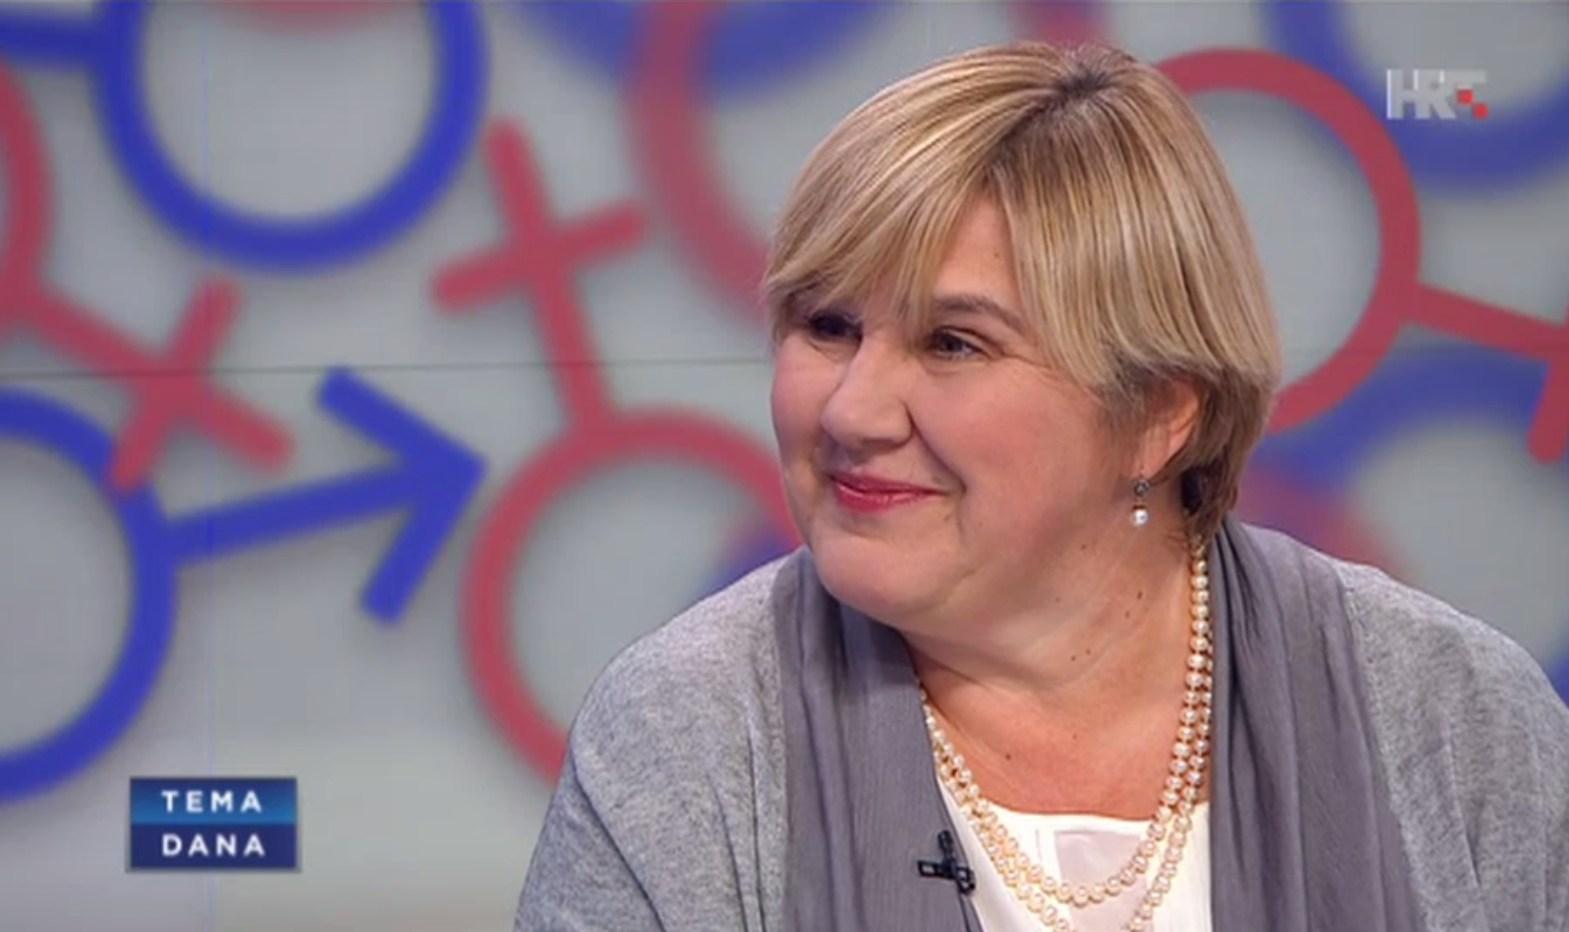 Dr. Željka Markić objasnila što je zapravo predstavljeno na konferenciji udruge U ime obitelji: Radi se o medijskoj dezinformaciji